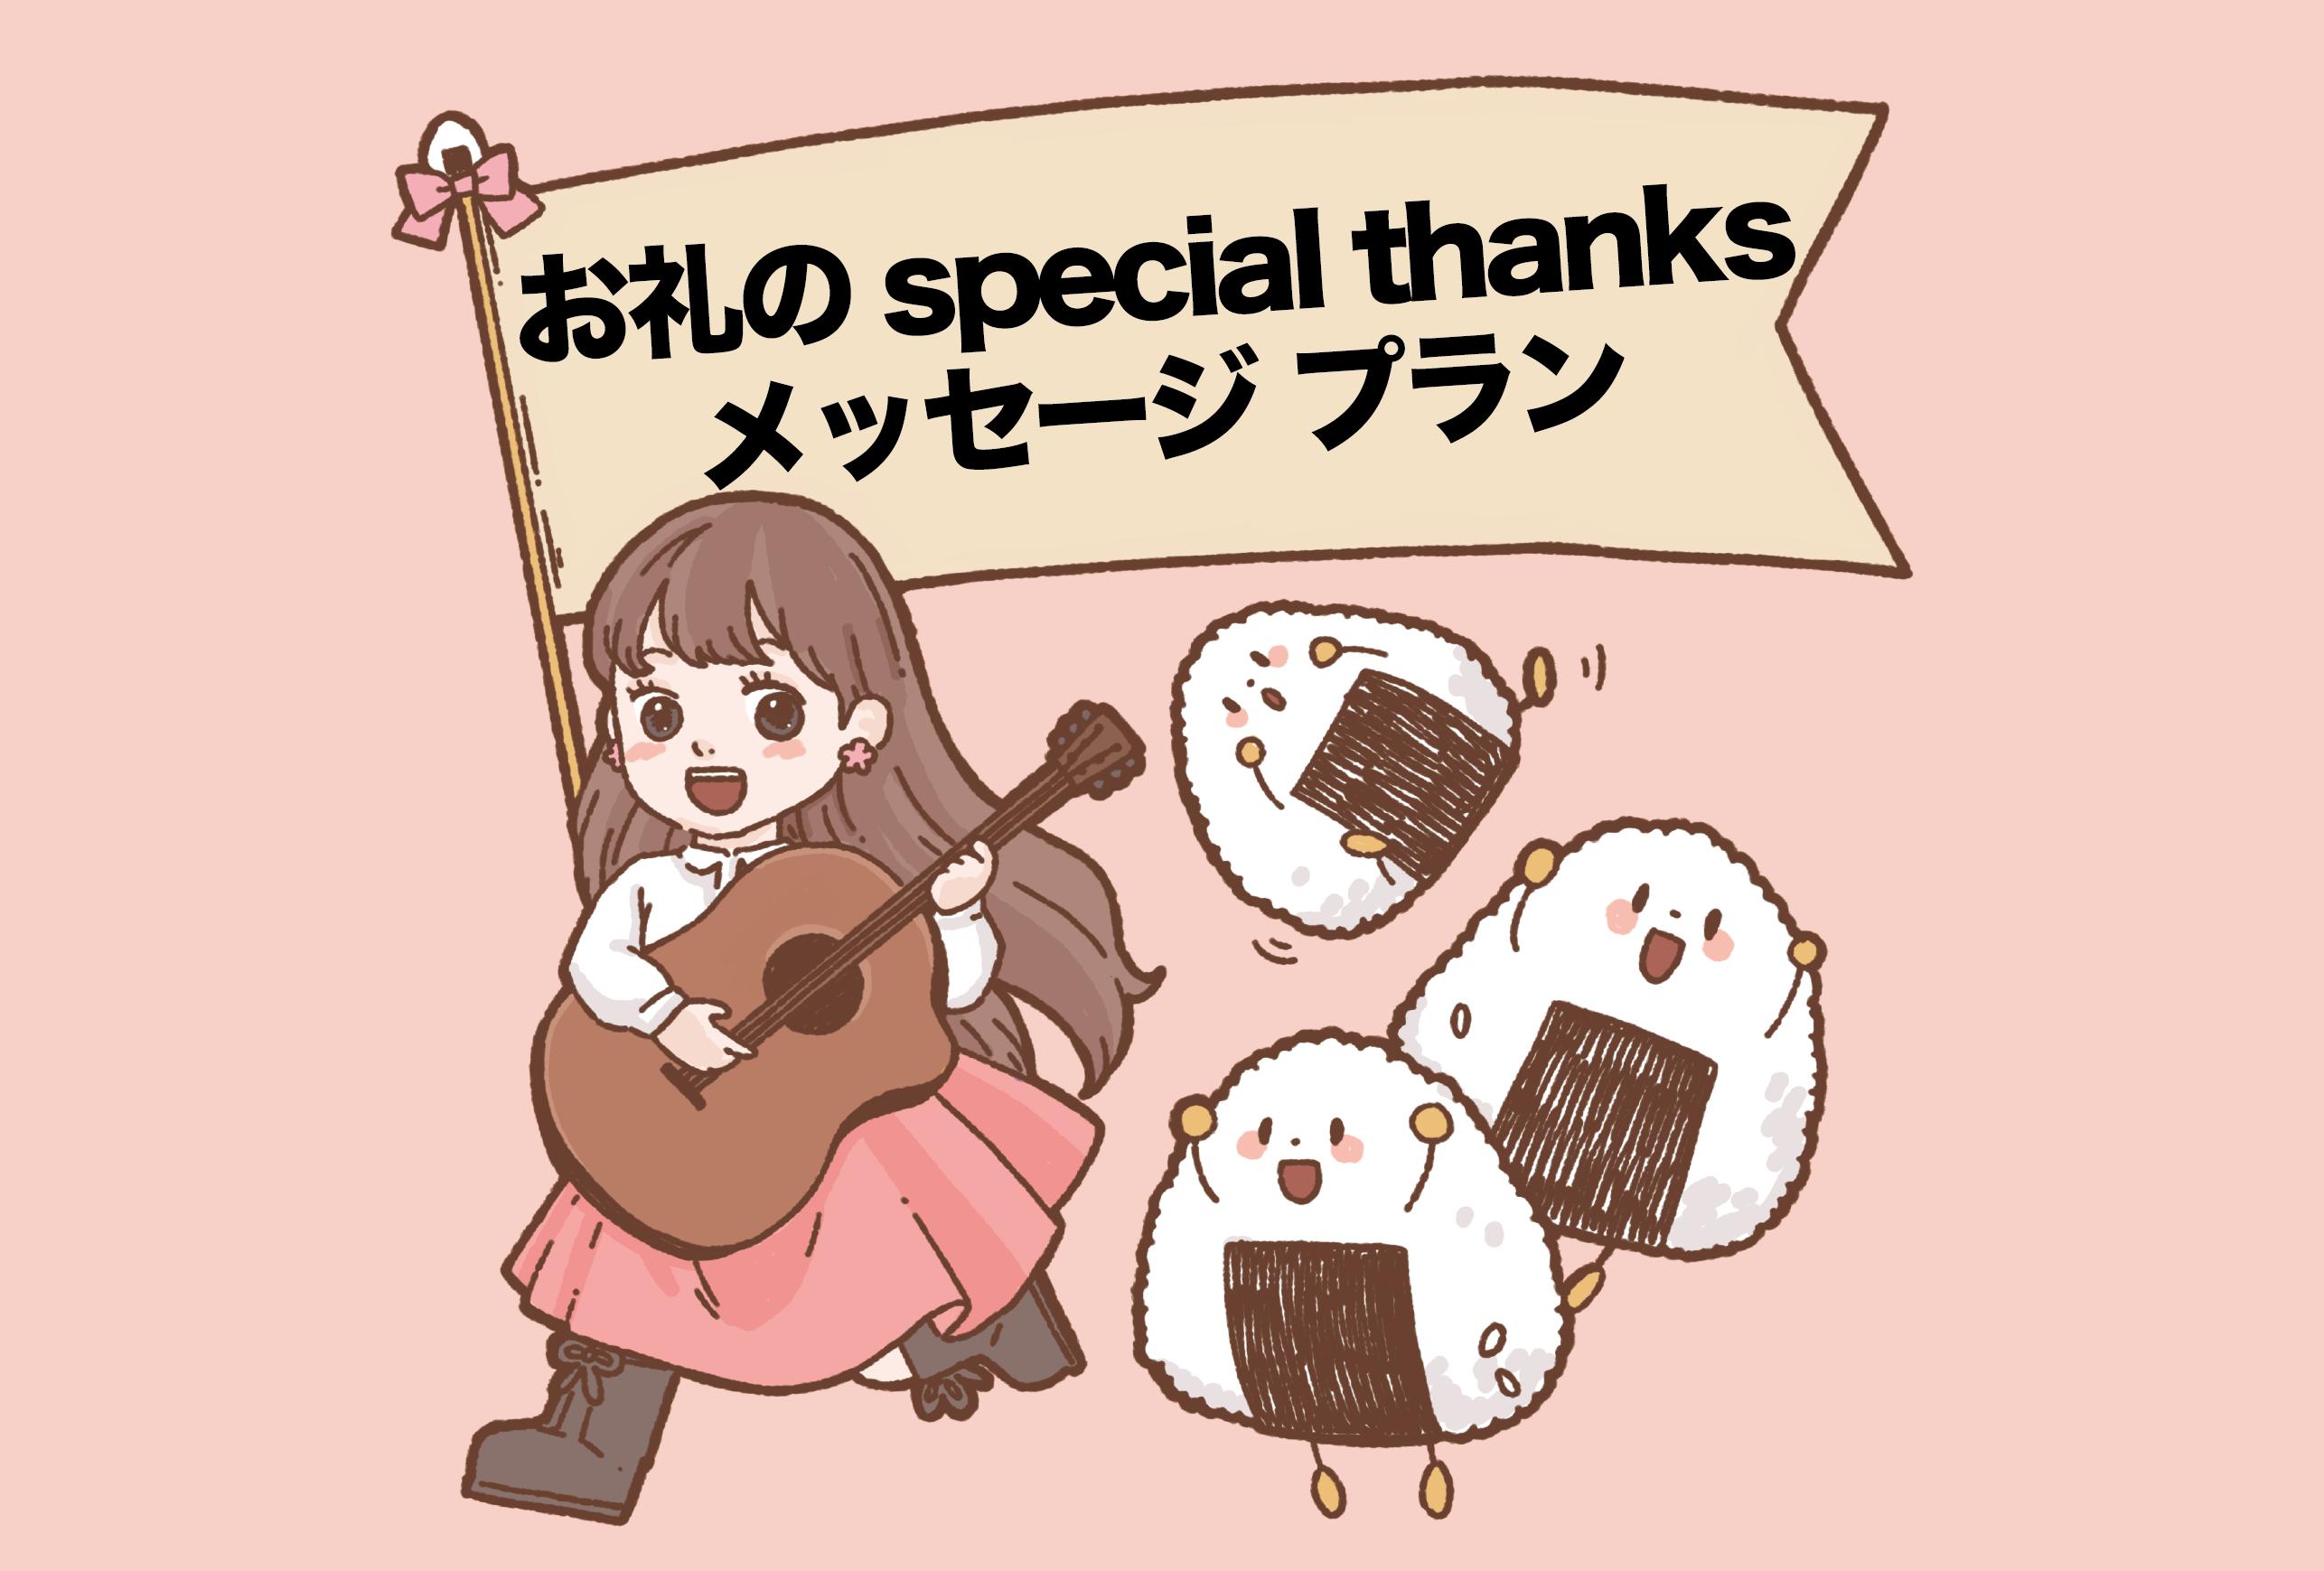 <お礼のspecial thanksメッセージ プラン>限定20名